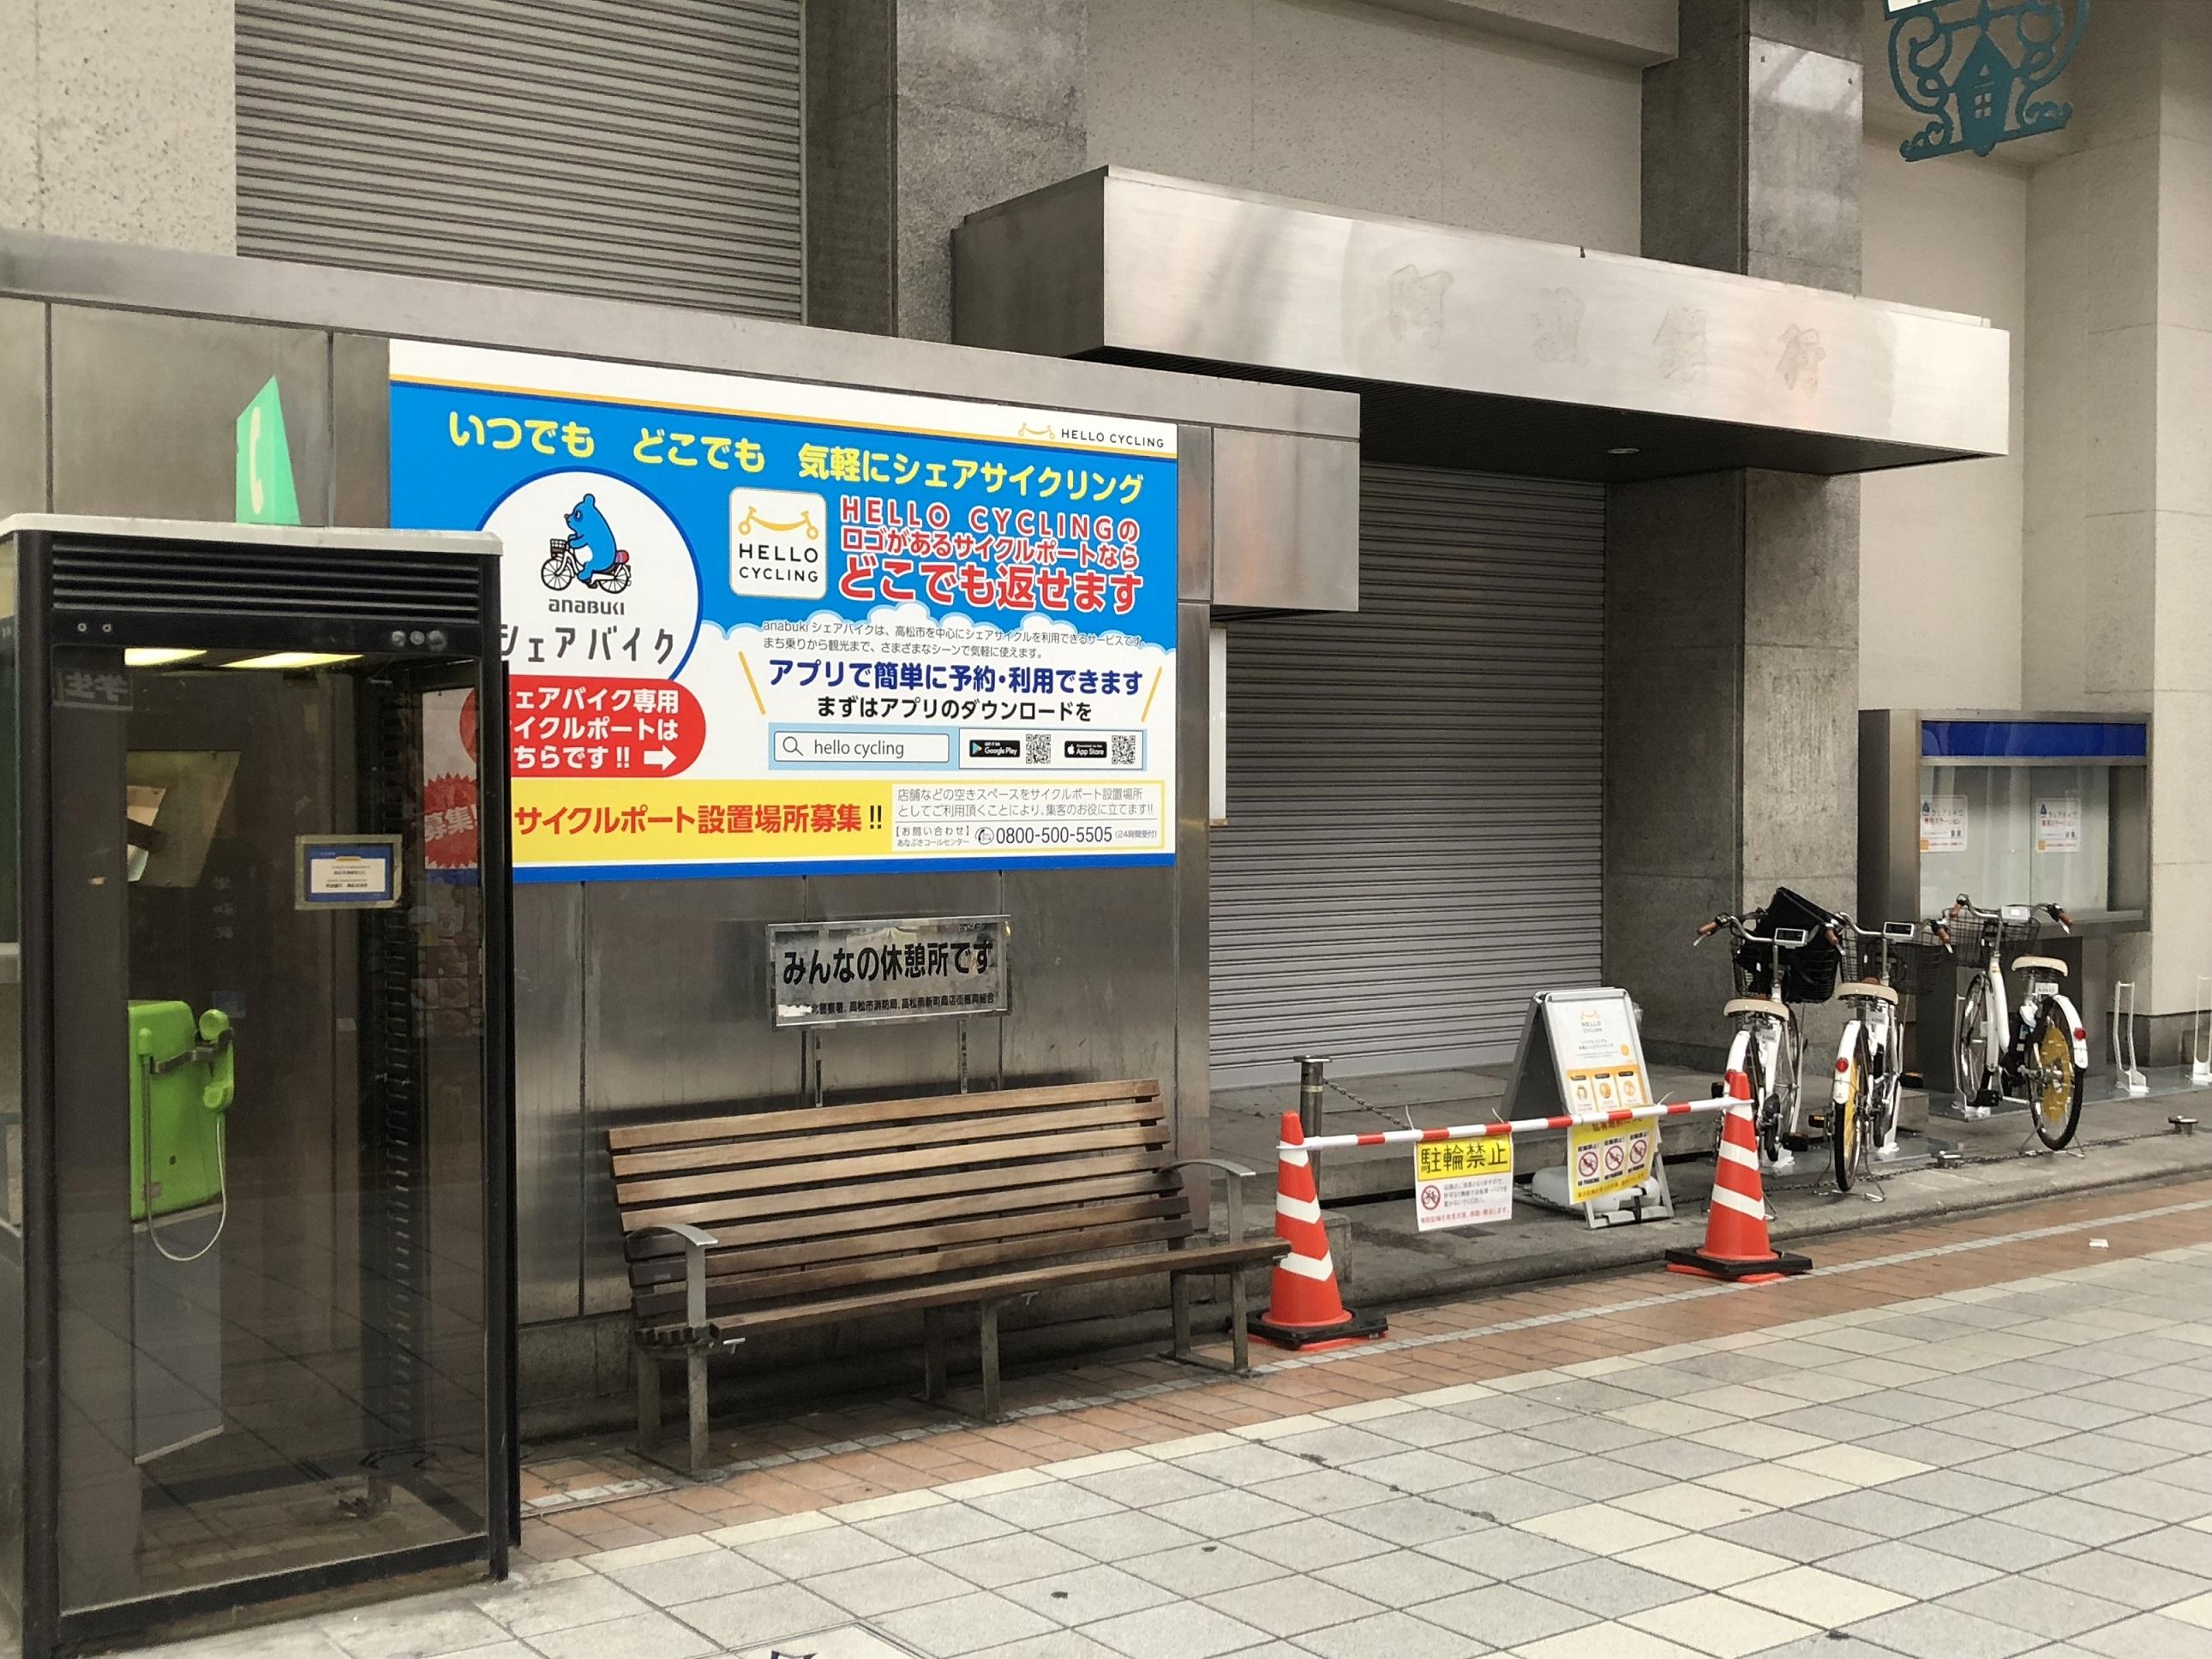 南新町商店街北口(旧阿波銀行高松支店) (HELLO CYCLING ポート) image